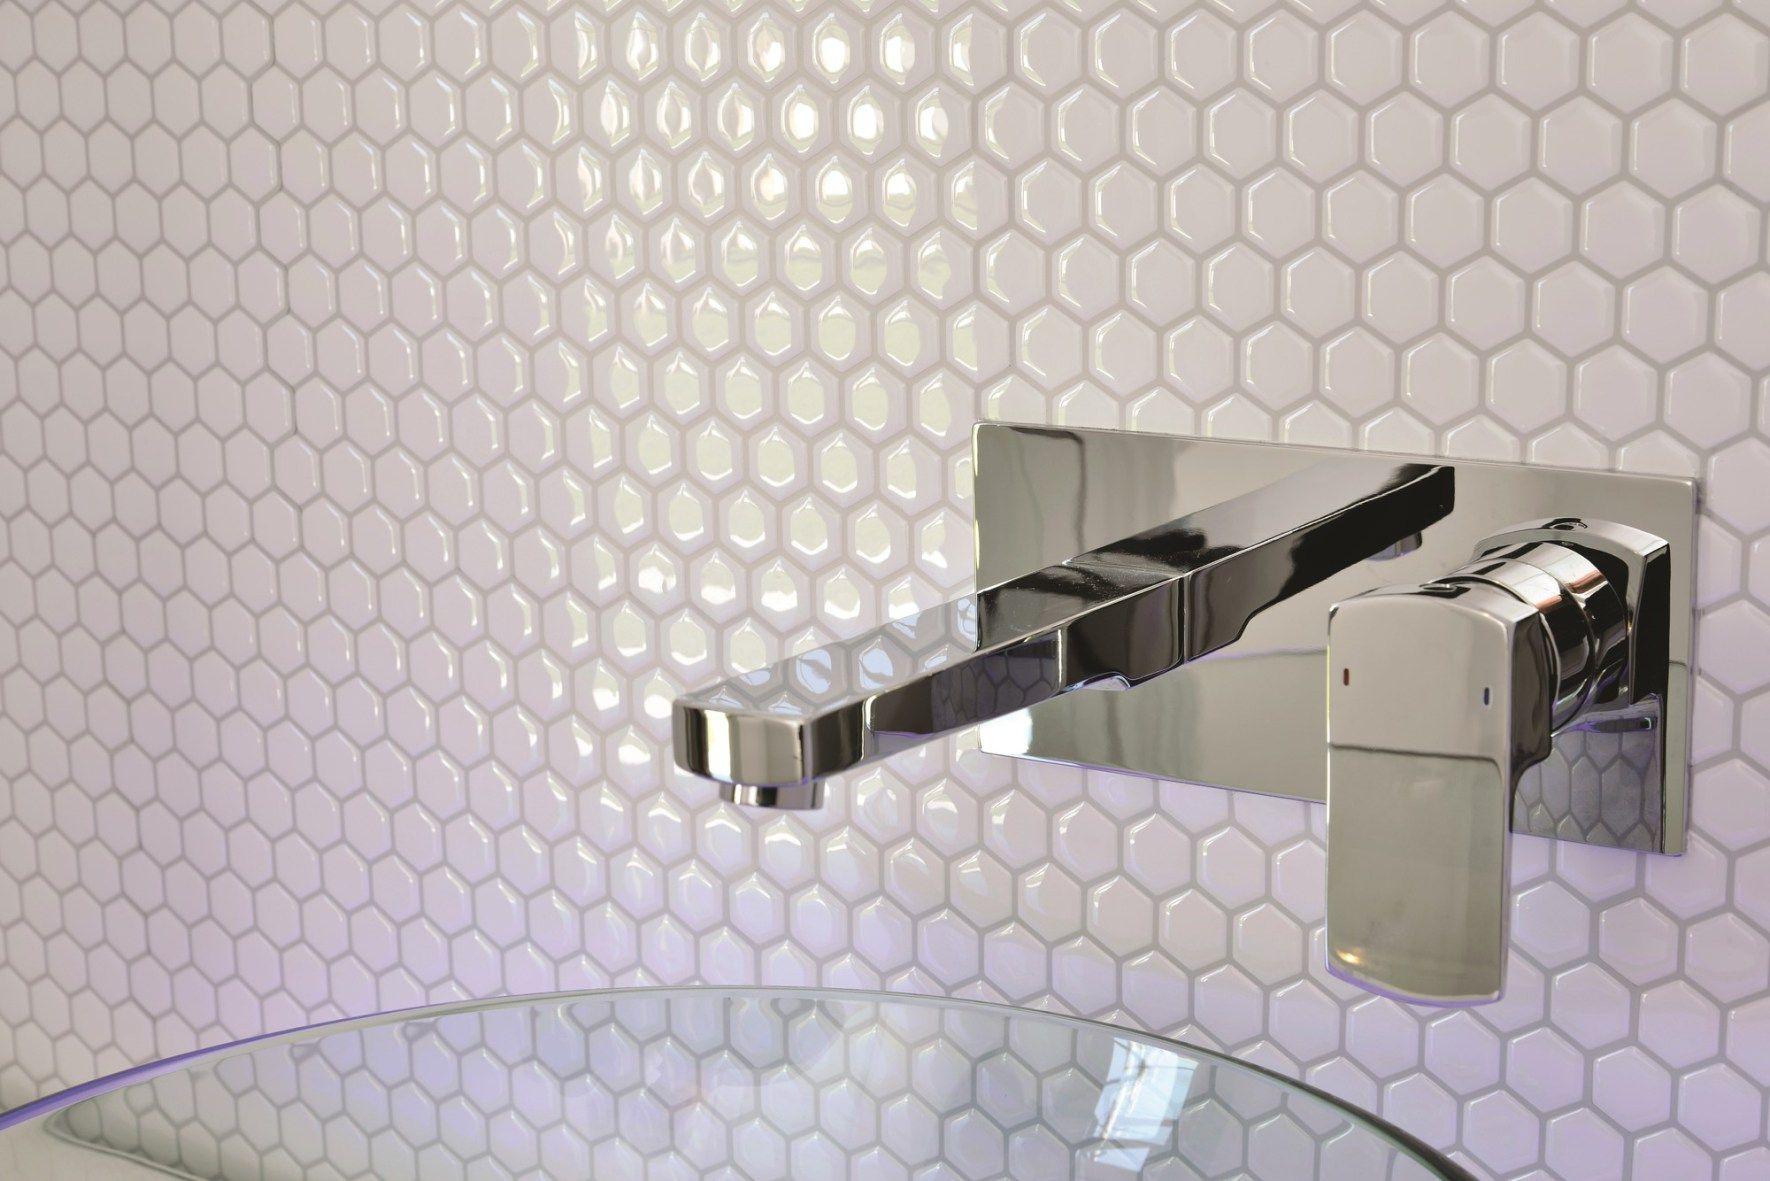 Hexagon self adhesive wall tile | Diy | Pinterest | Wall tiles ...